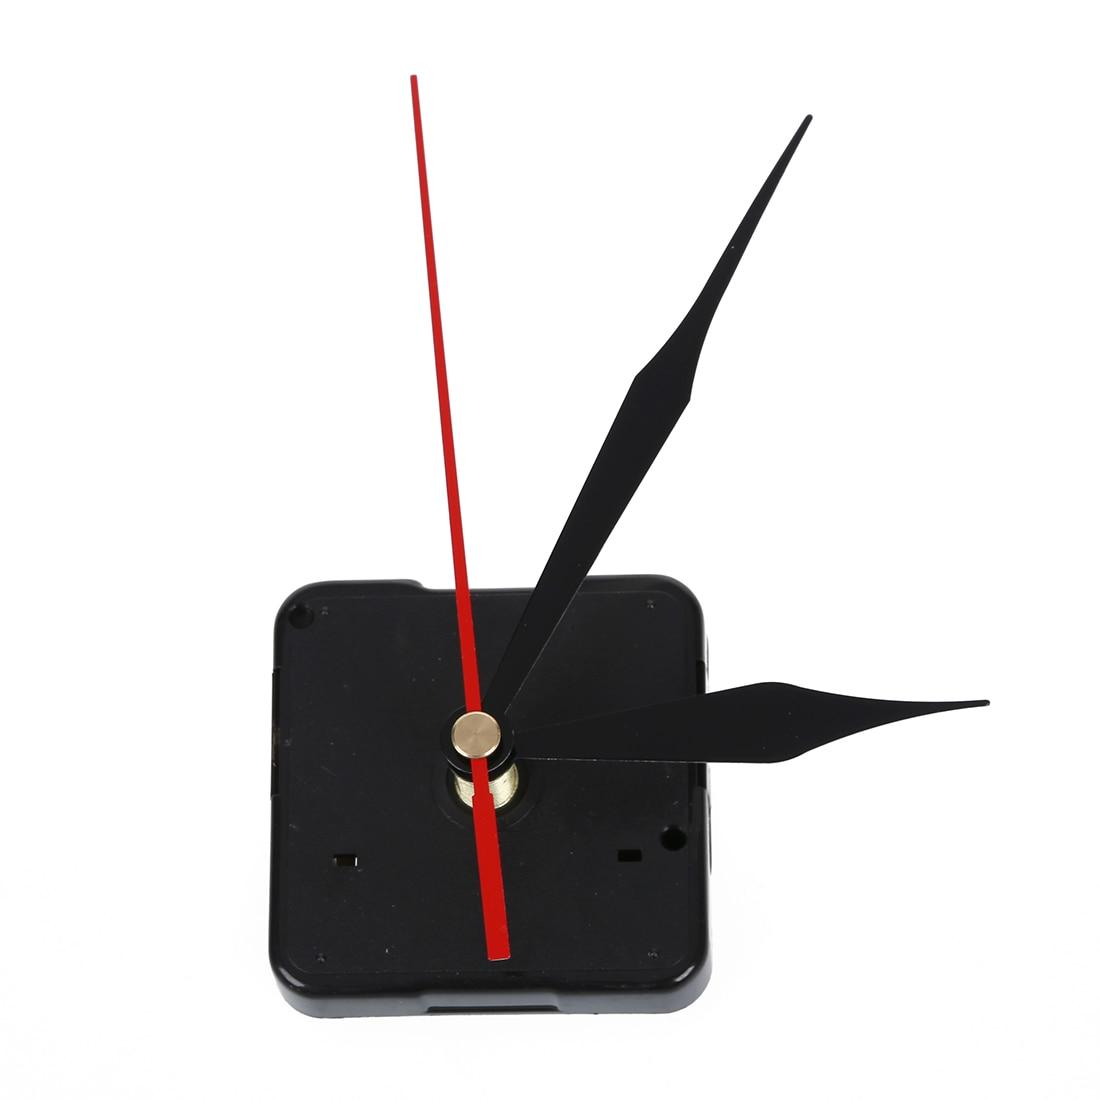 Mecanismo de movimiento del reloj hora negra minuto rojo segundo herramientas manuales de bricolaje piezas